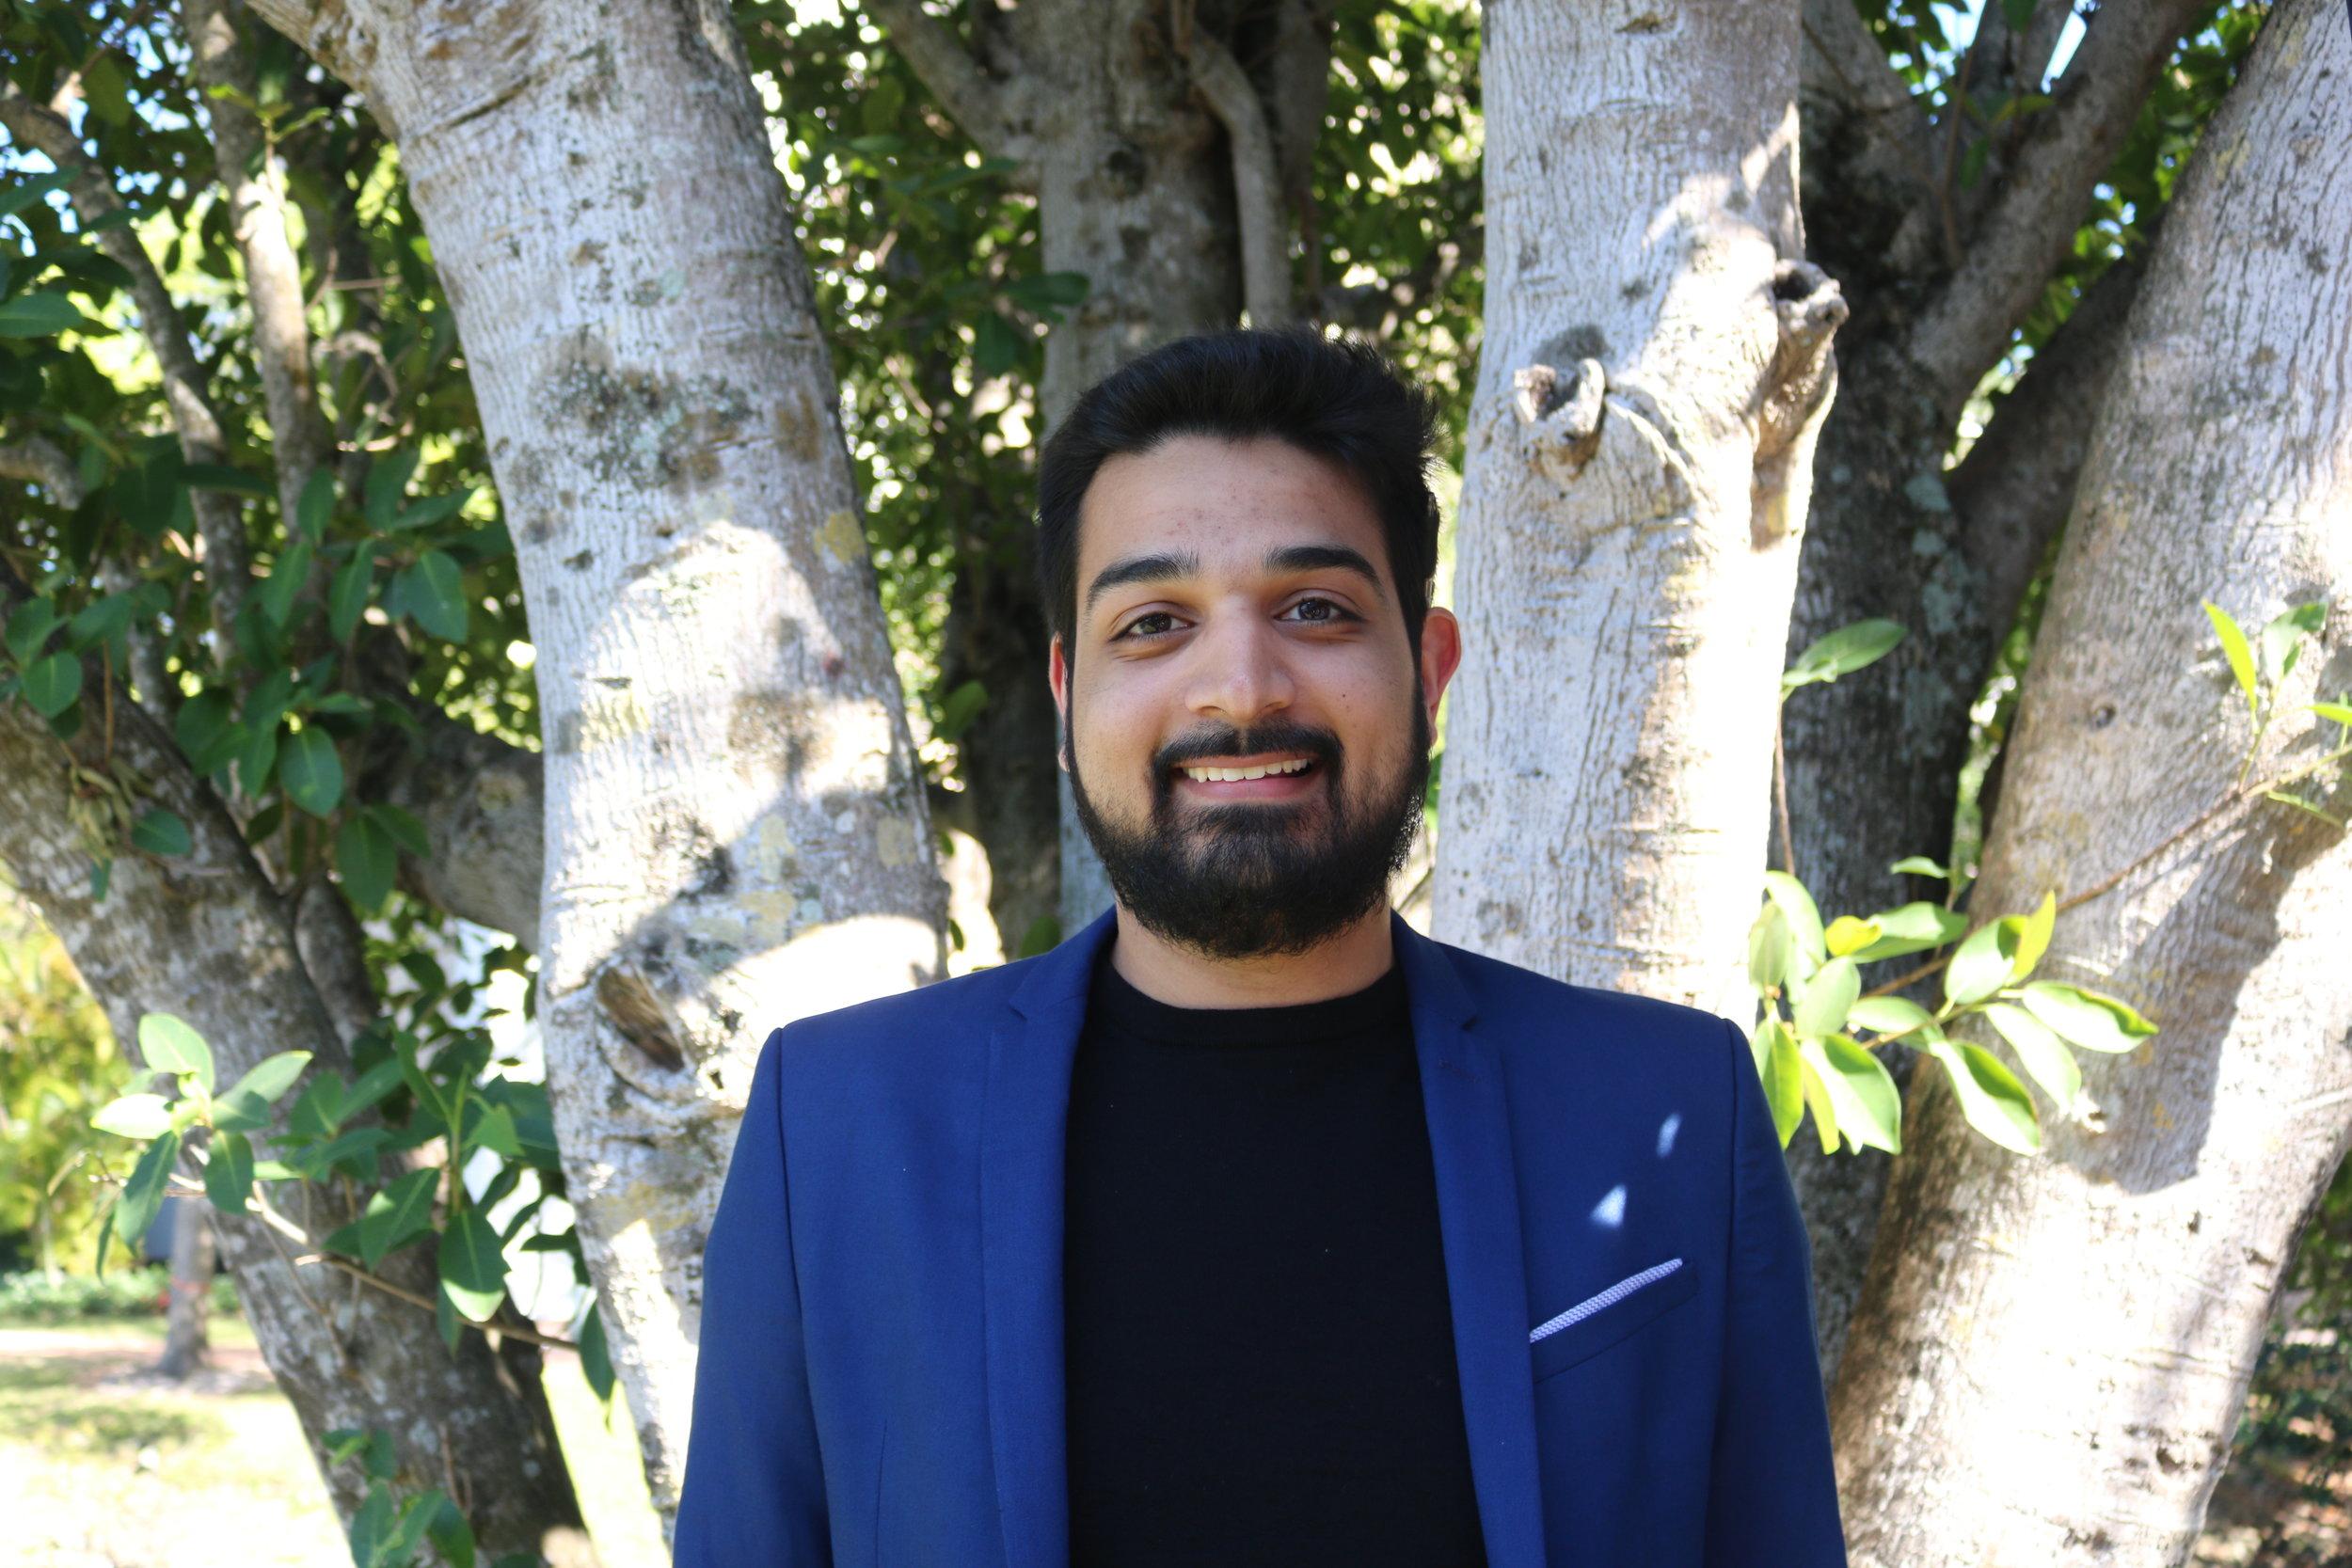 Pranav Chugh